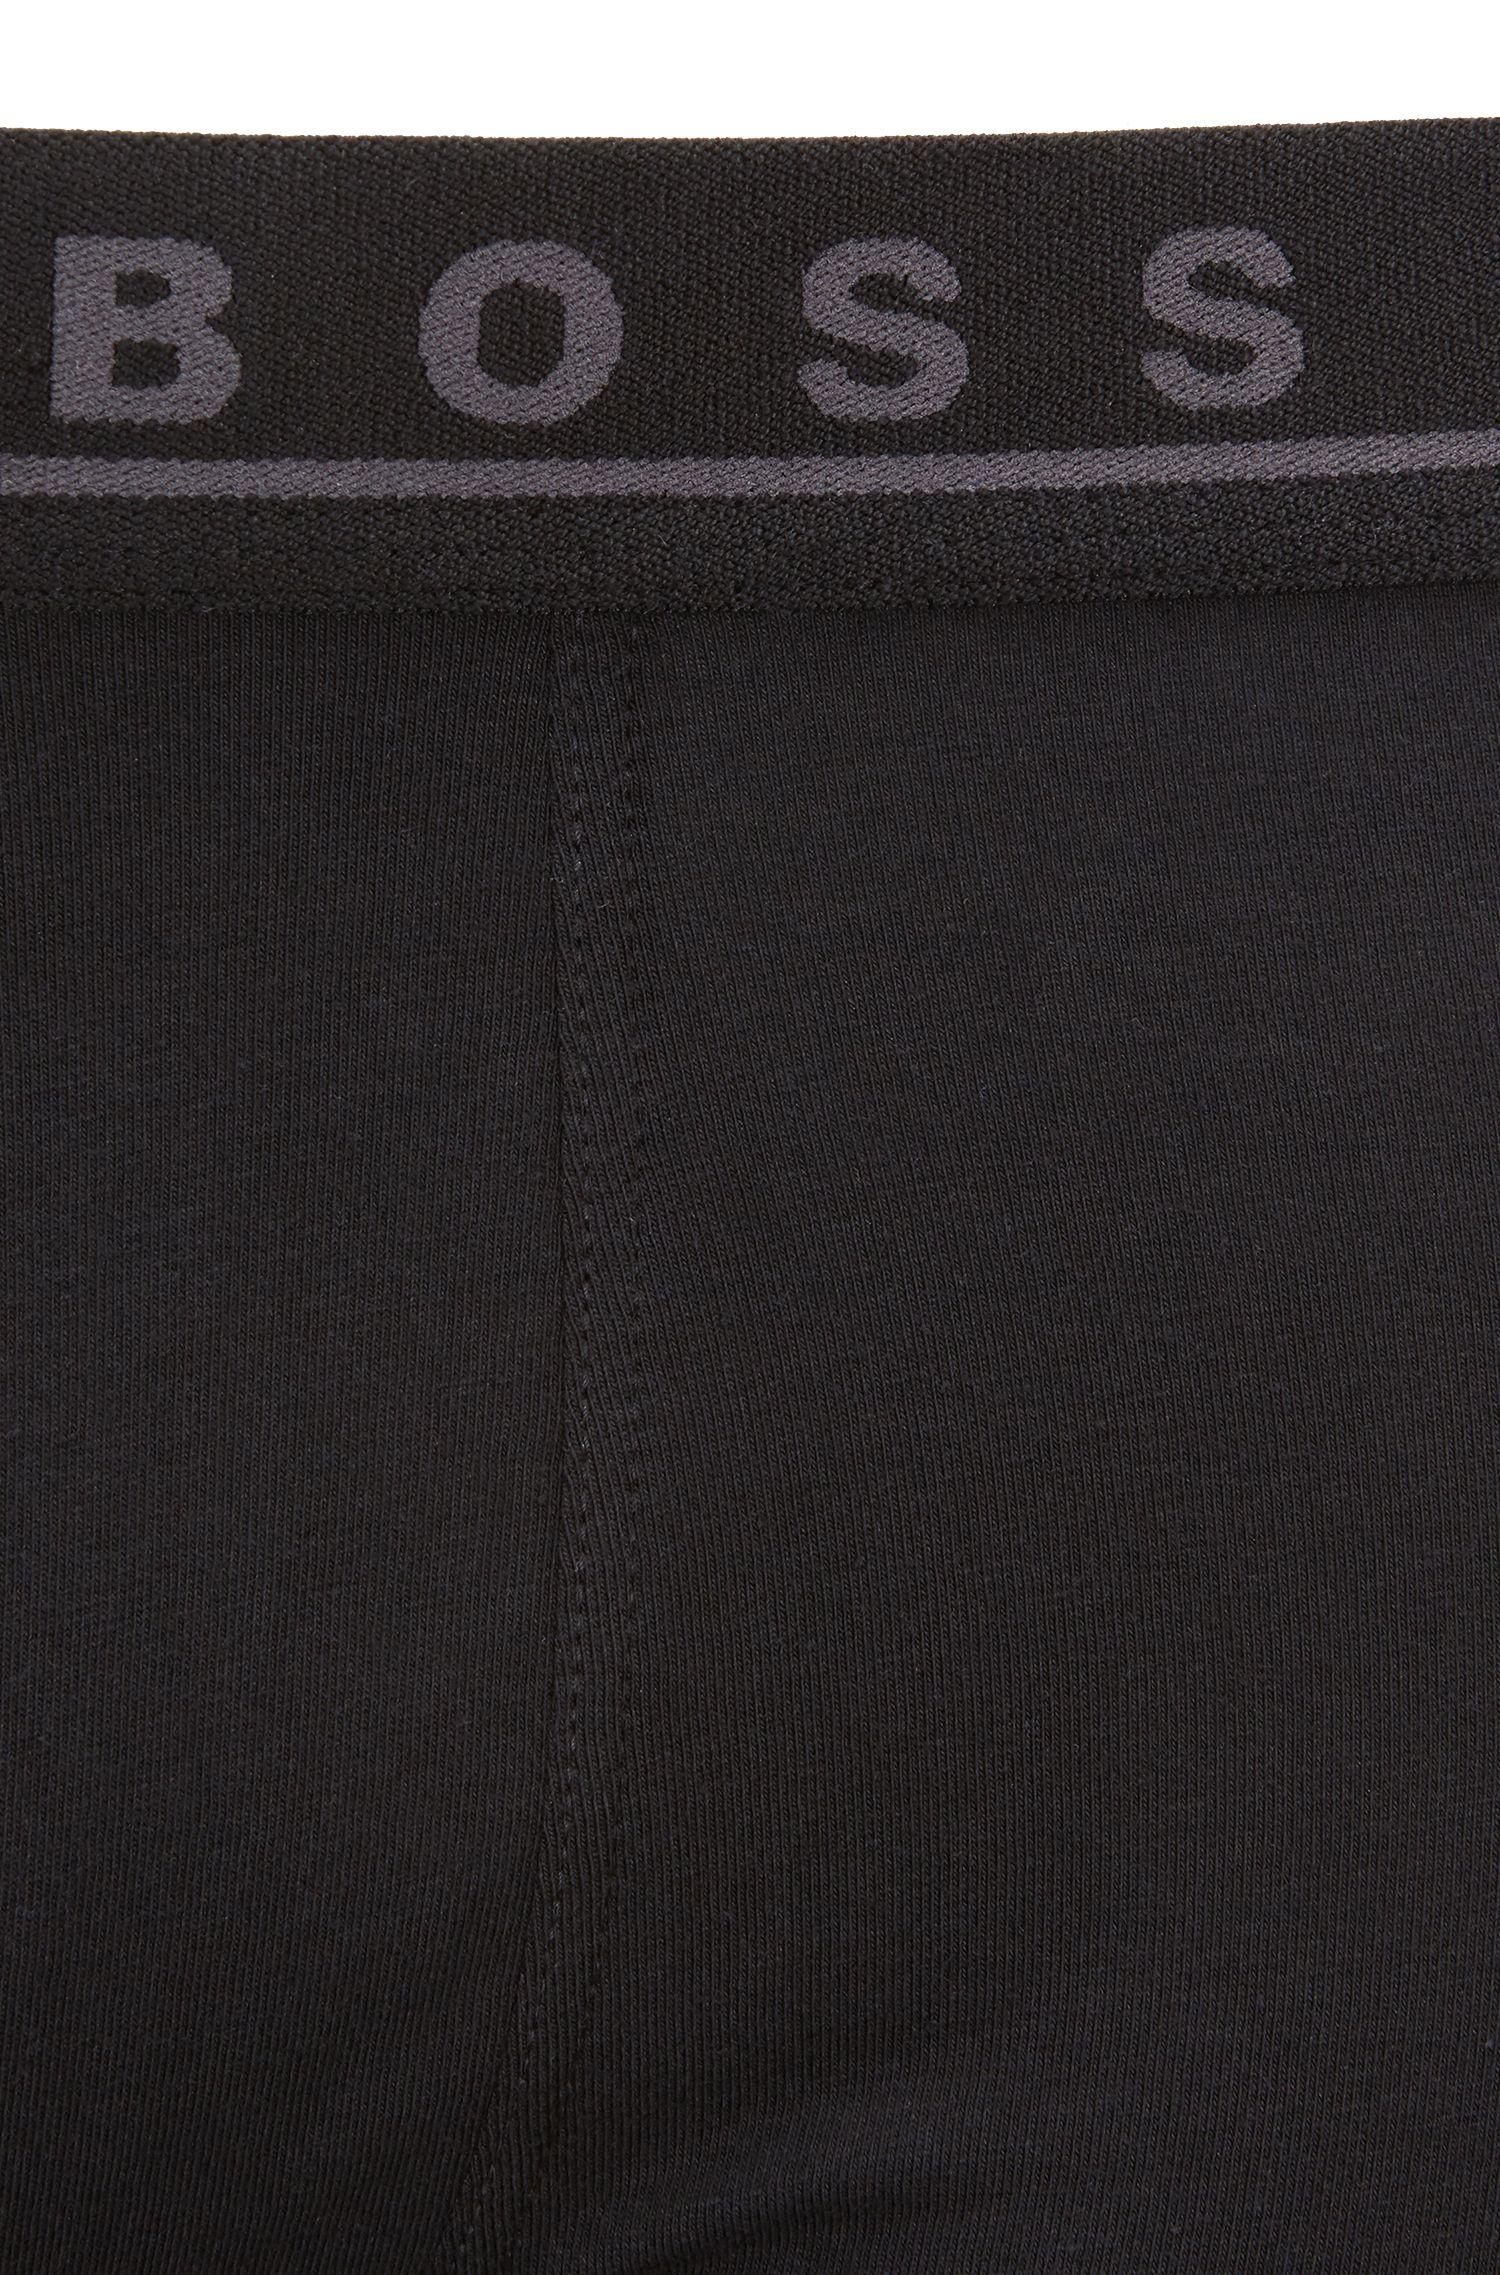 Lot de trois boxers longs en coton stretch, Fantaisie